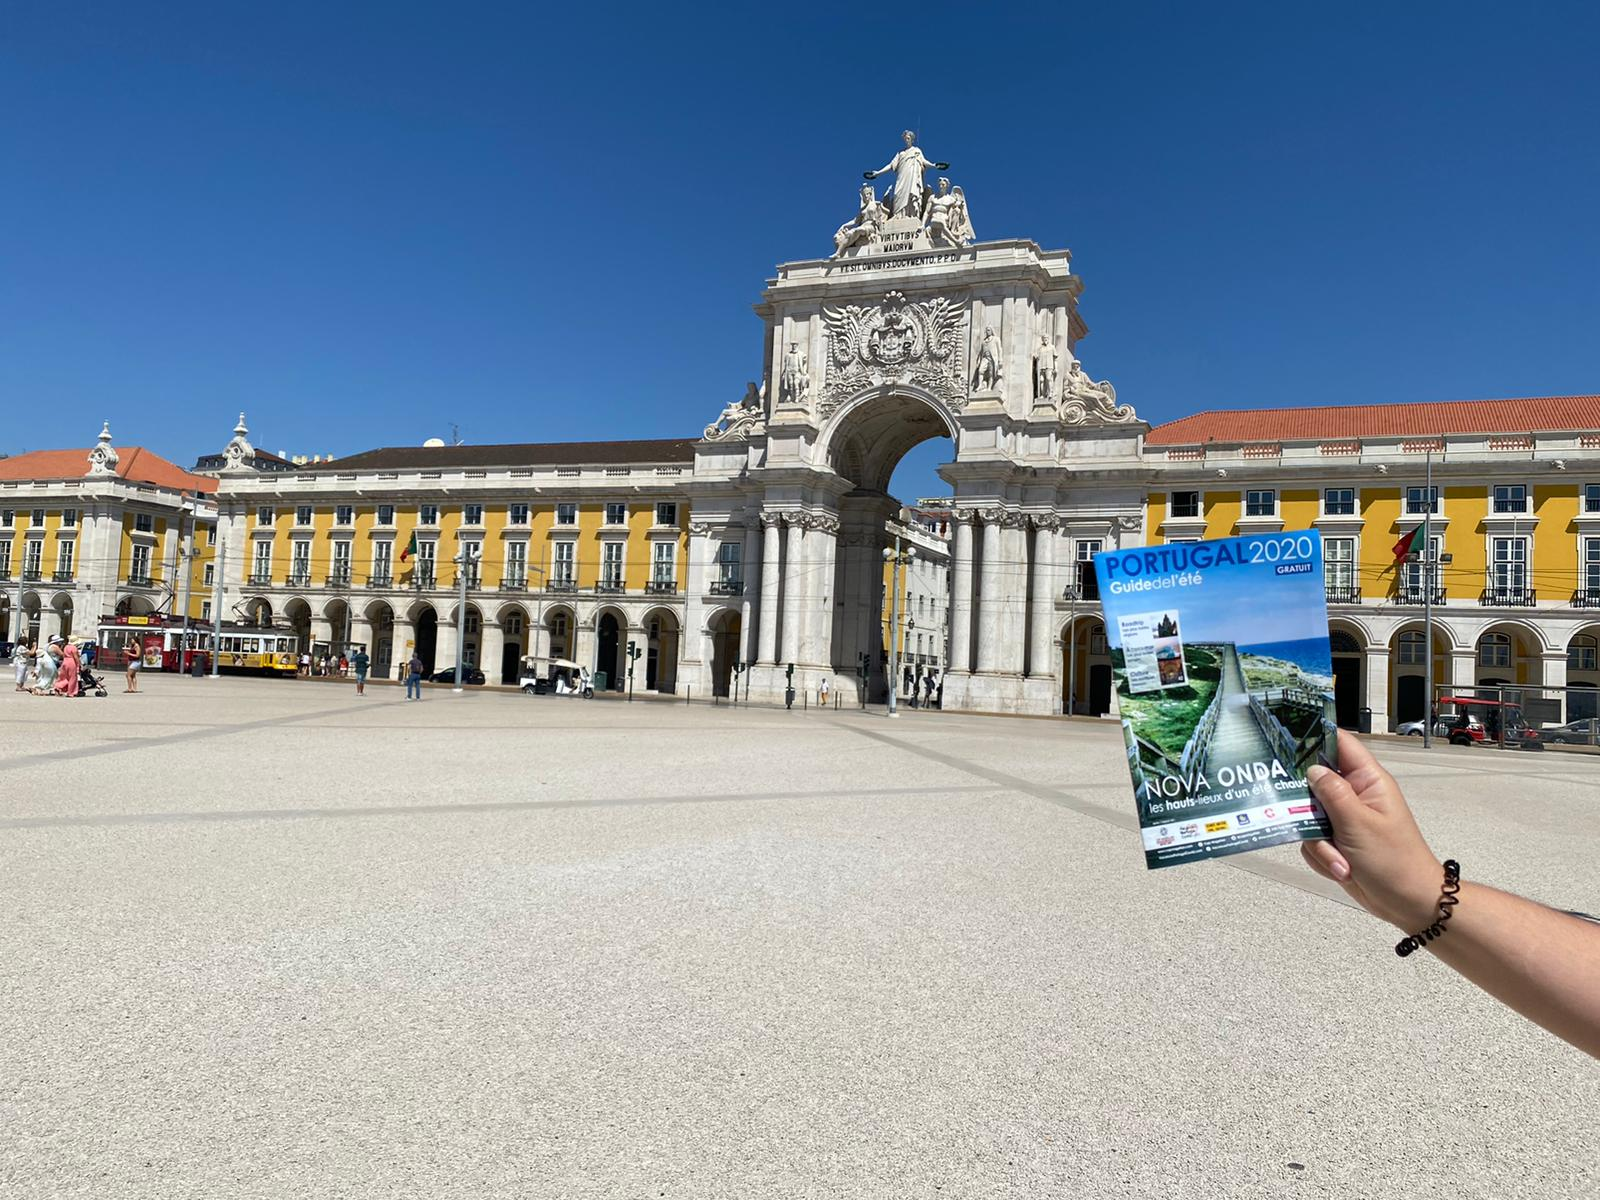 Sécurété2020 - Action Bénévoles à Lisbonne - Distribution Guides de l'Éte - 06/08